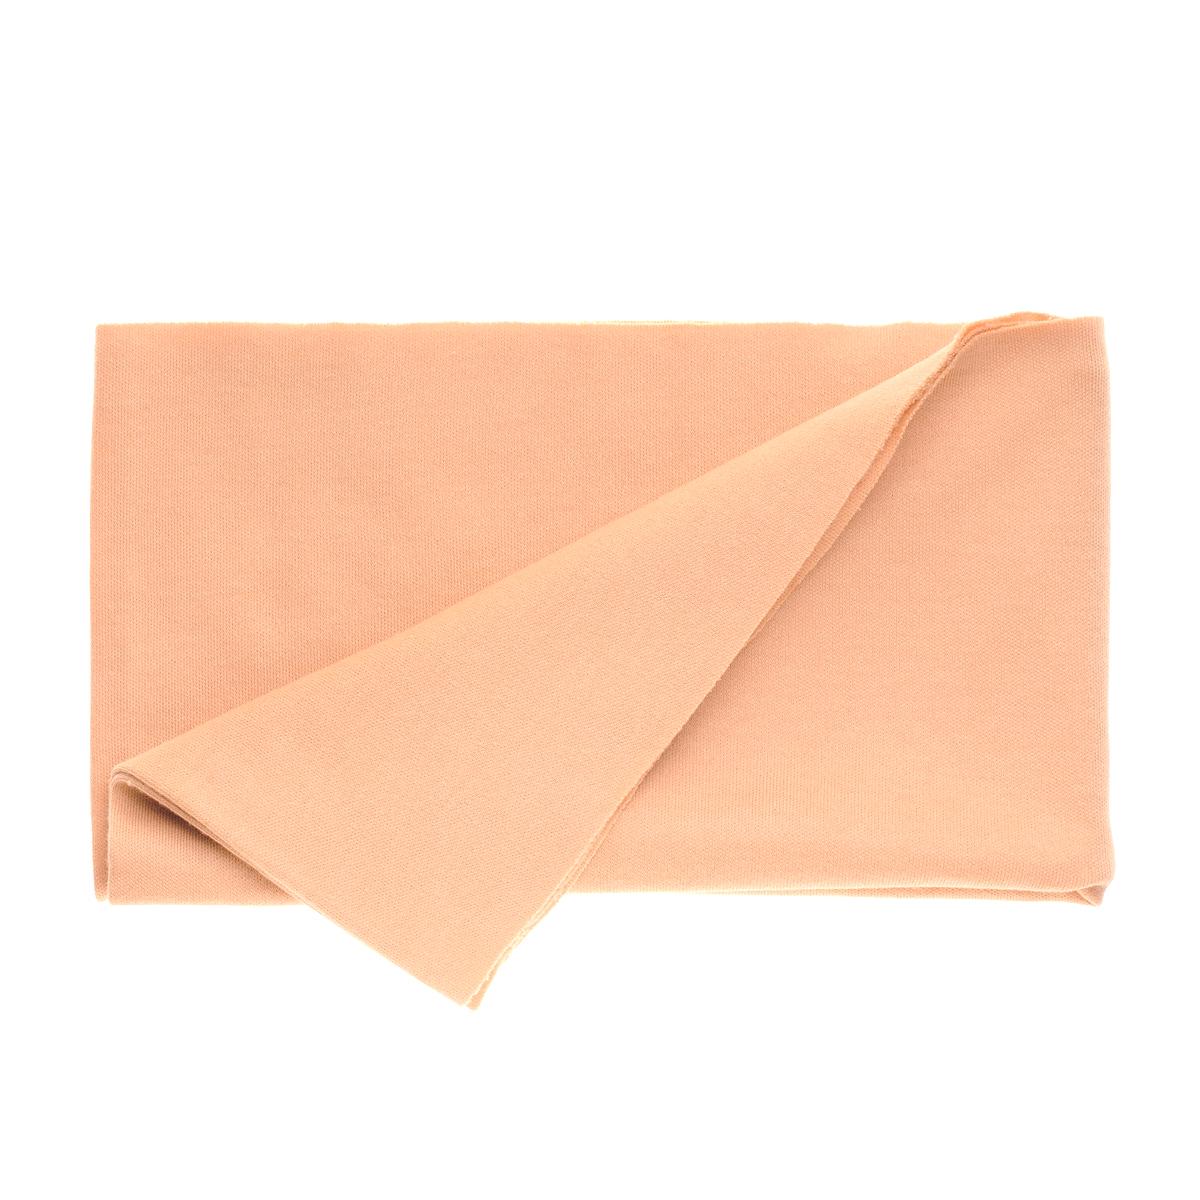 Ткань Glorex, тонкая, 1 м, цвет: светло-бежевыйIRK-503Тонкая ткань Glorex, выполненная из натурального хлопка, используется для творческихработ. Хлопковые ткани не выцветают, не линяют, недеформируются при стирке и в процессе носки готовых изделий, сшитых из этихтканей.Ткань можно без опасений использовать в производстве одежды для самыхмаленьких детей, в производстве игрушек. Также ткань подойдетдля декора иоформления творческих работ в различных техниках.